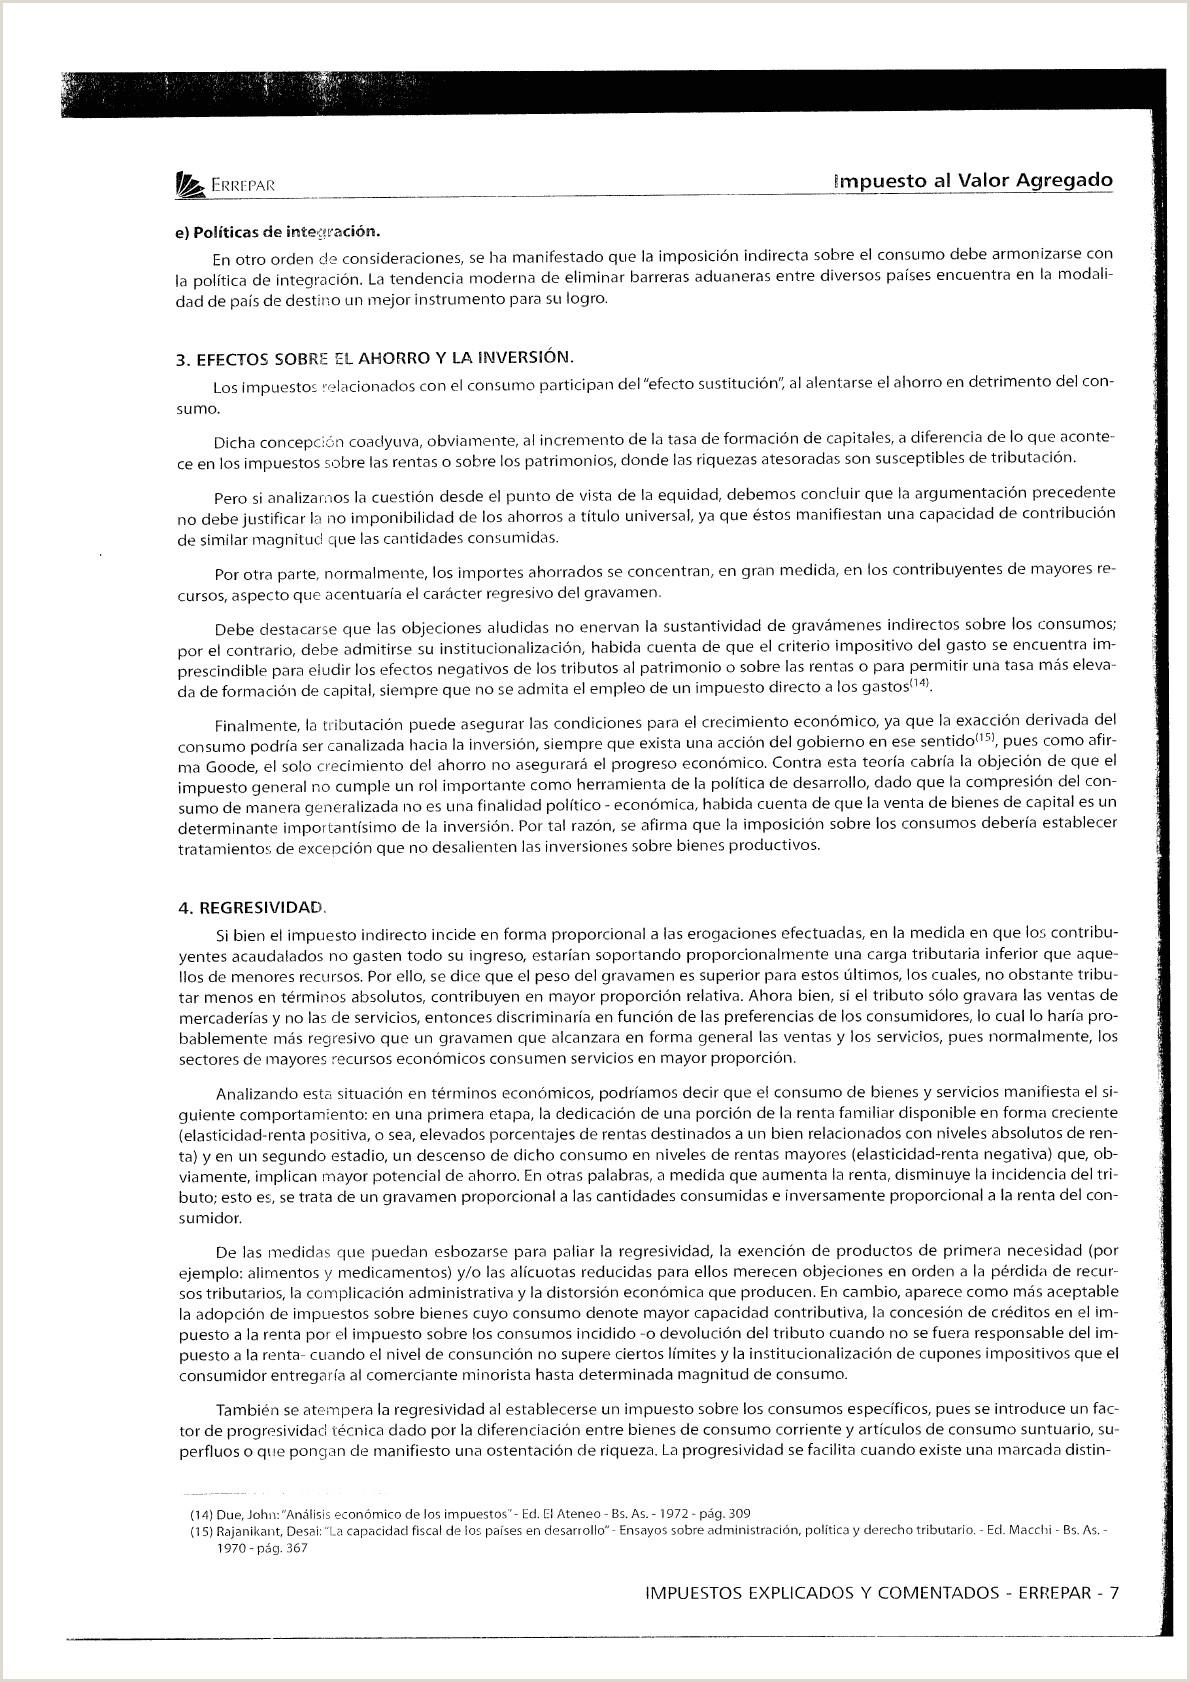 Formato Hoja De Vida Bienes Y Rentas Apunte Ley De Iva Entada Y Actualizada Segºn Reforma